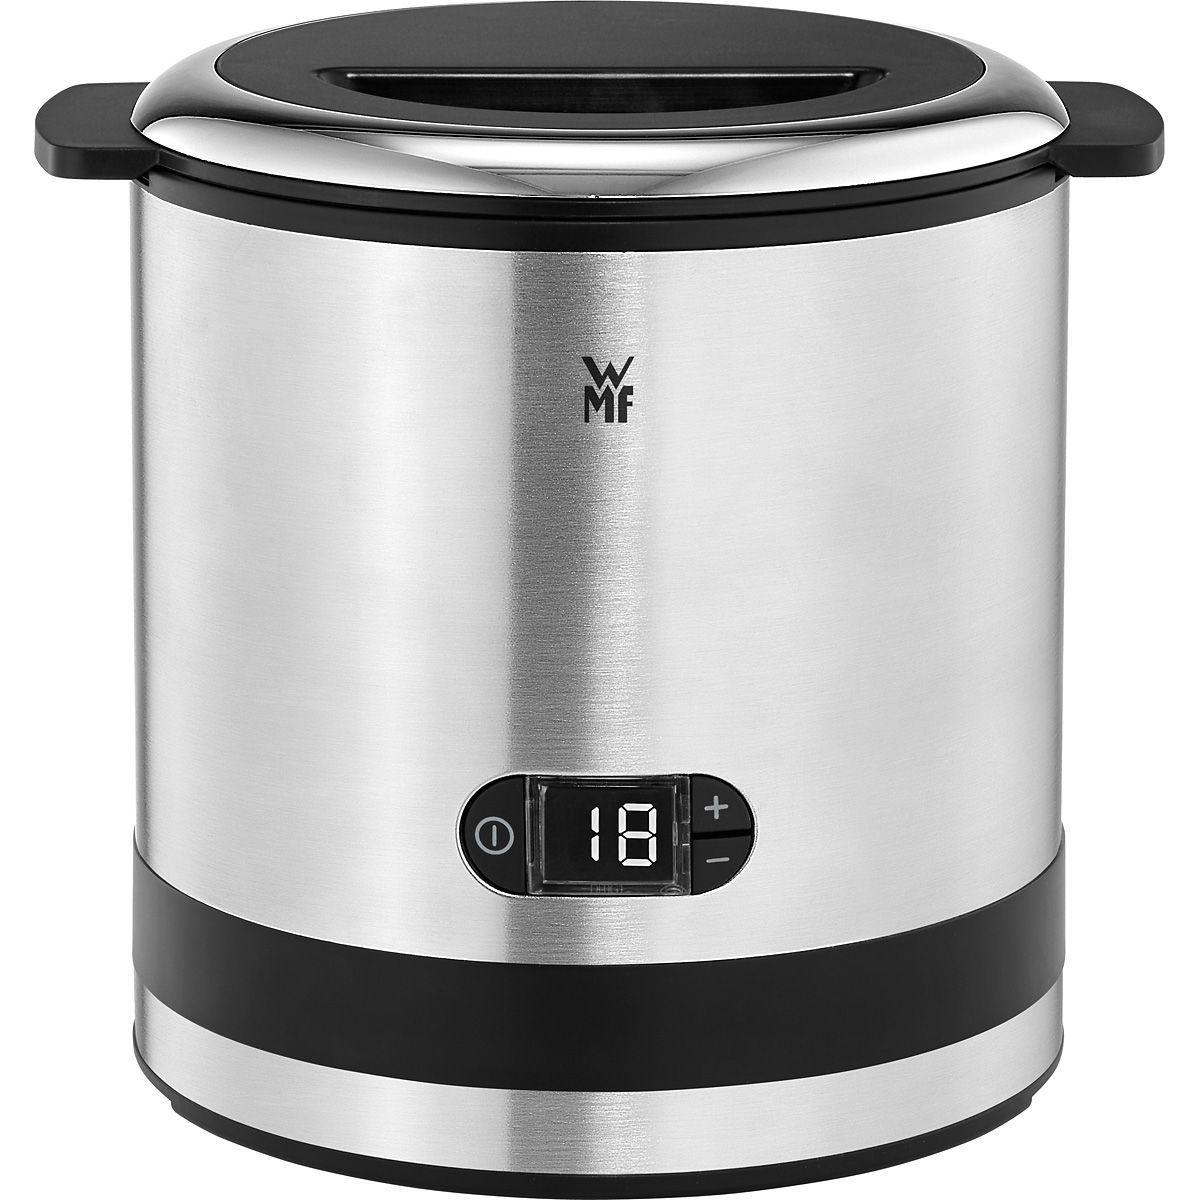 [karstadt] WMF Küchenminis Eismaschine 3in1, silber -nur mit Kundenkarte-